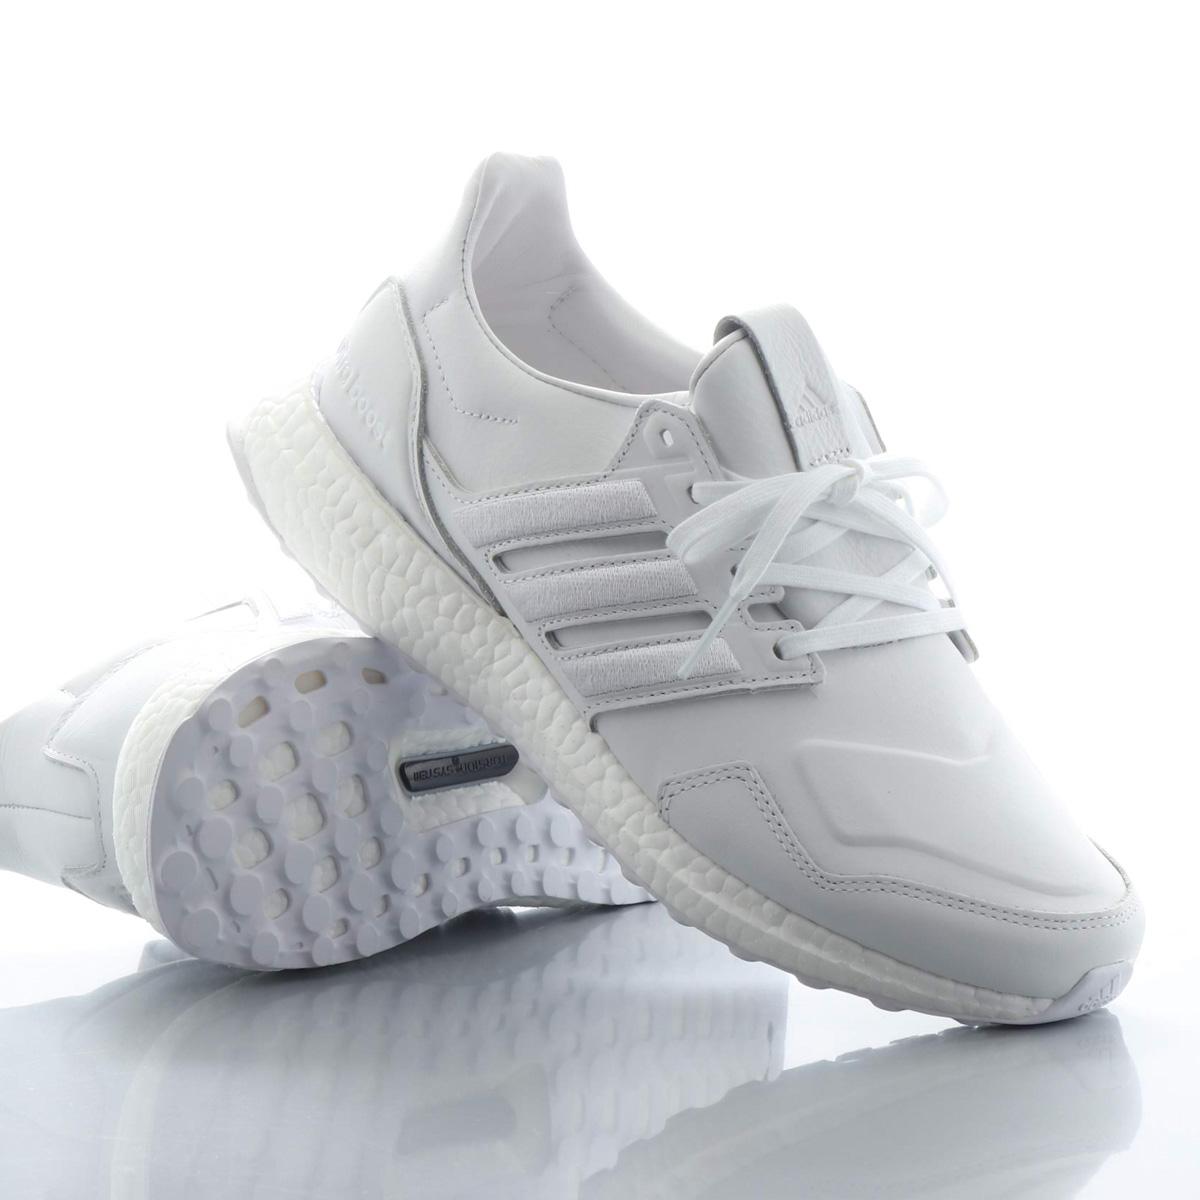 adidas UltraBOOST leather(アディダス ウルトラブースト レザー)RUNNING WHITE/RUNNING WHITE/RUNNING WHITE【メンズ レディース スニーカー】19FW-I